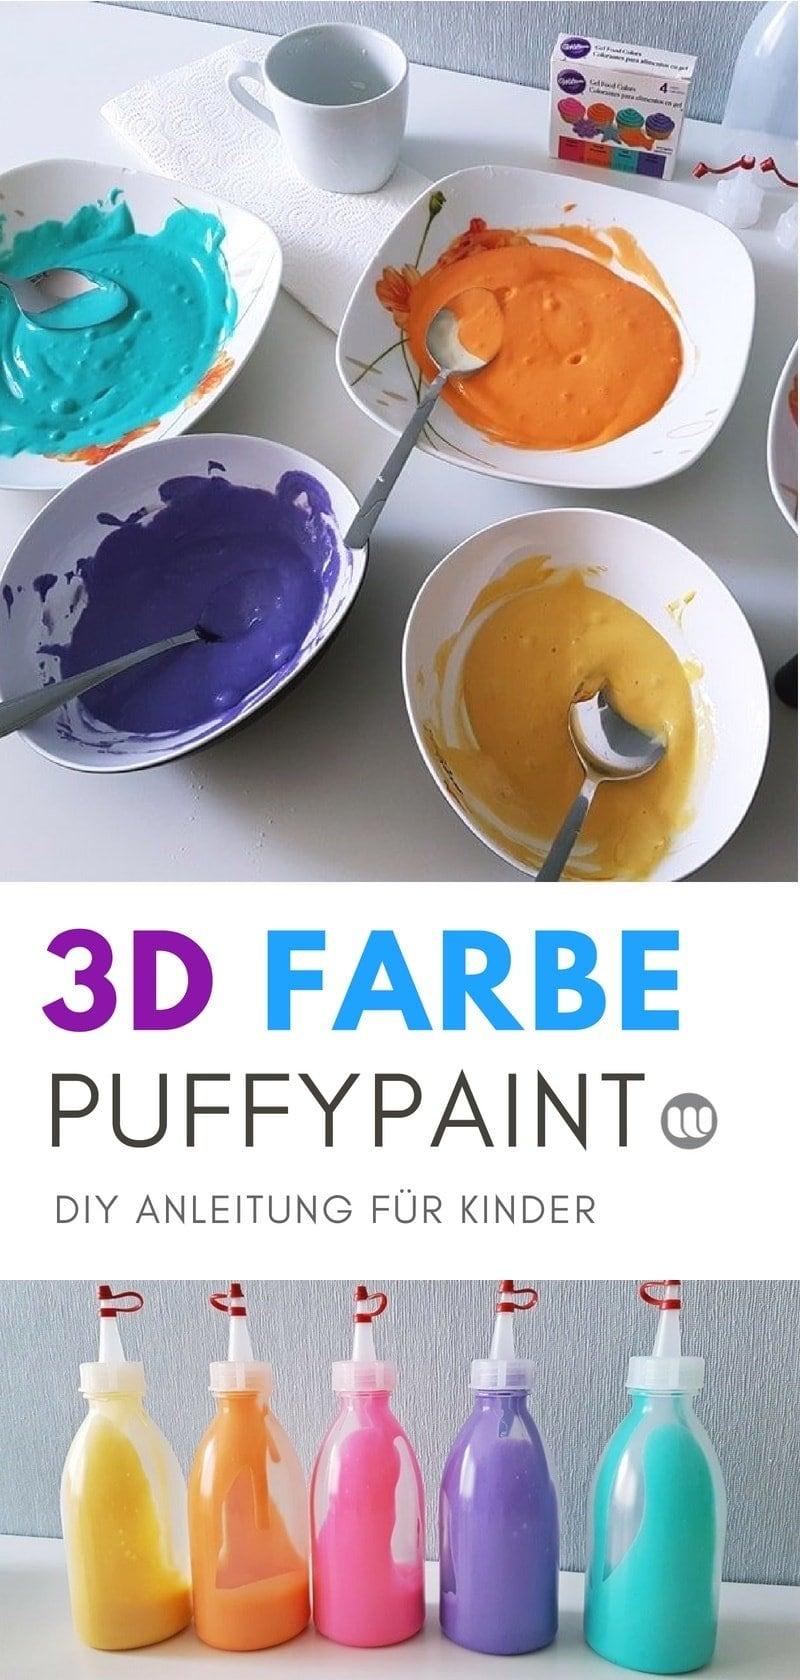 Farben für Kinder selbstgemacht: Rezept für 3D Pluster Farbe